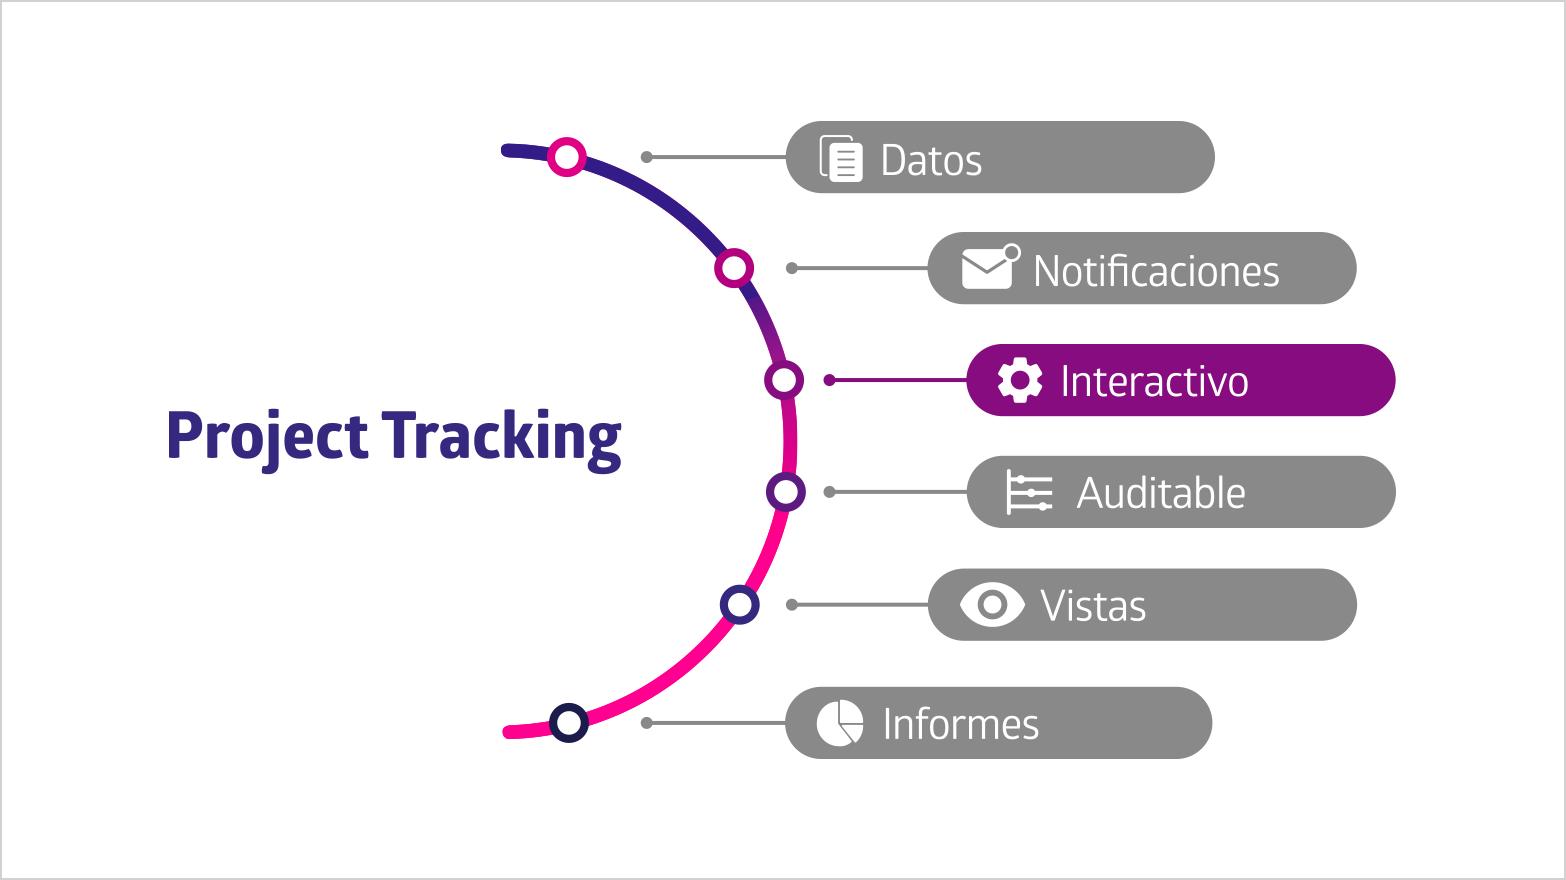 El Arco del Seguimiento de Proyectos indica que la Interactividad es escencial en la herramienta de software que utilices para llevar a cabo esta práctica.